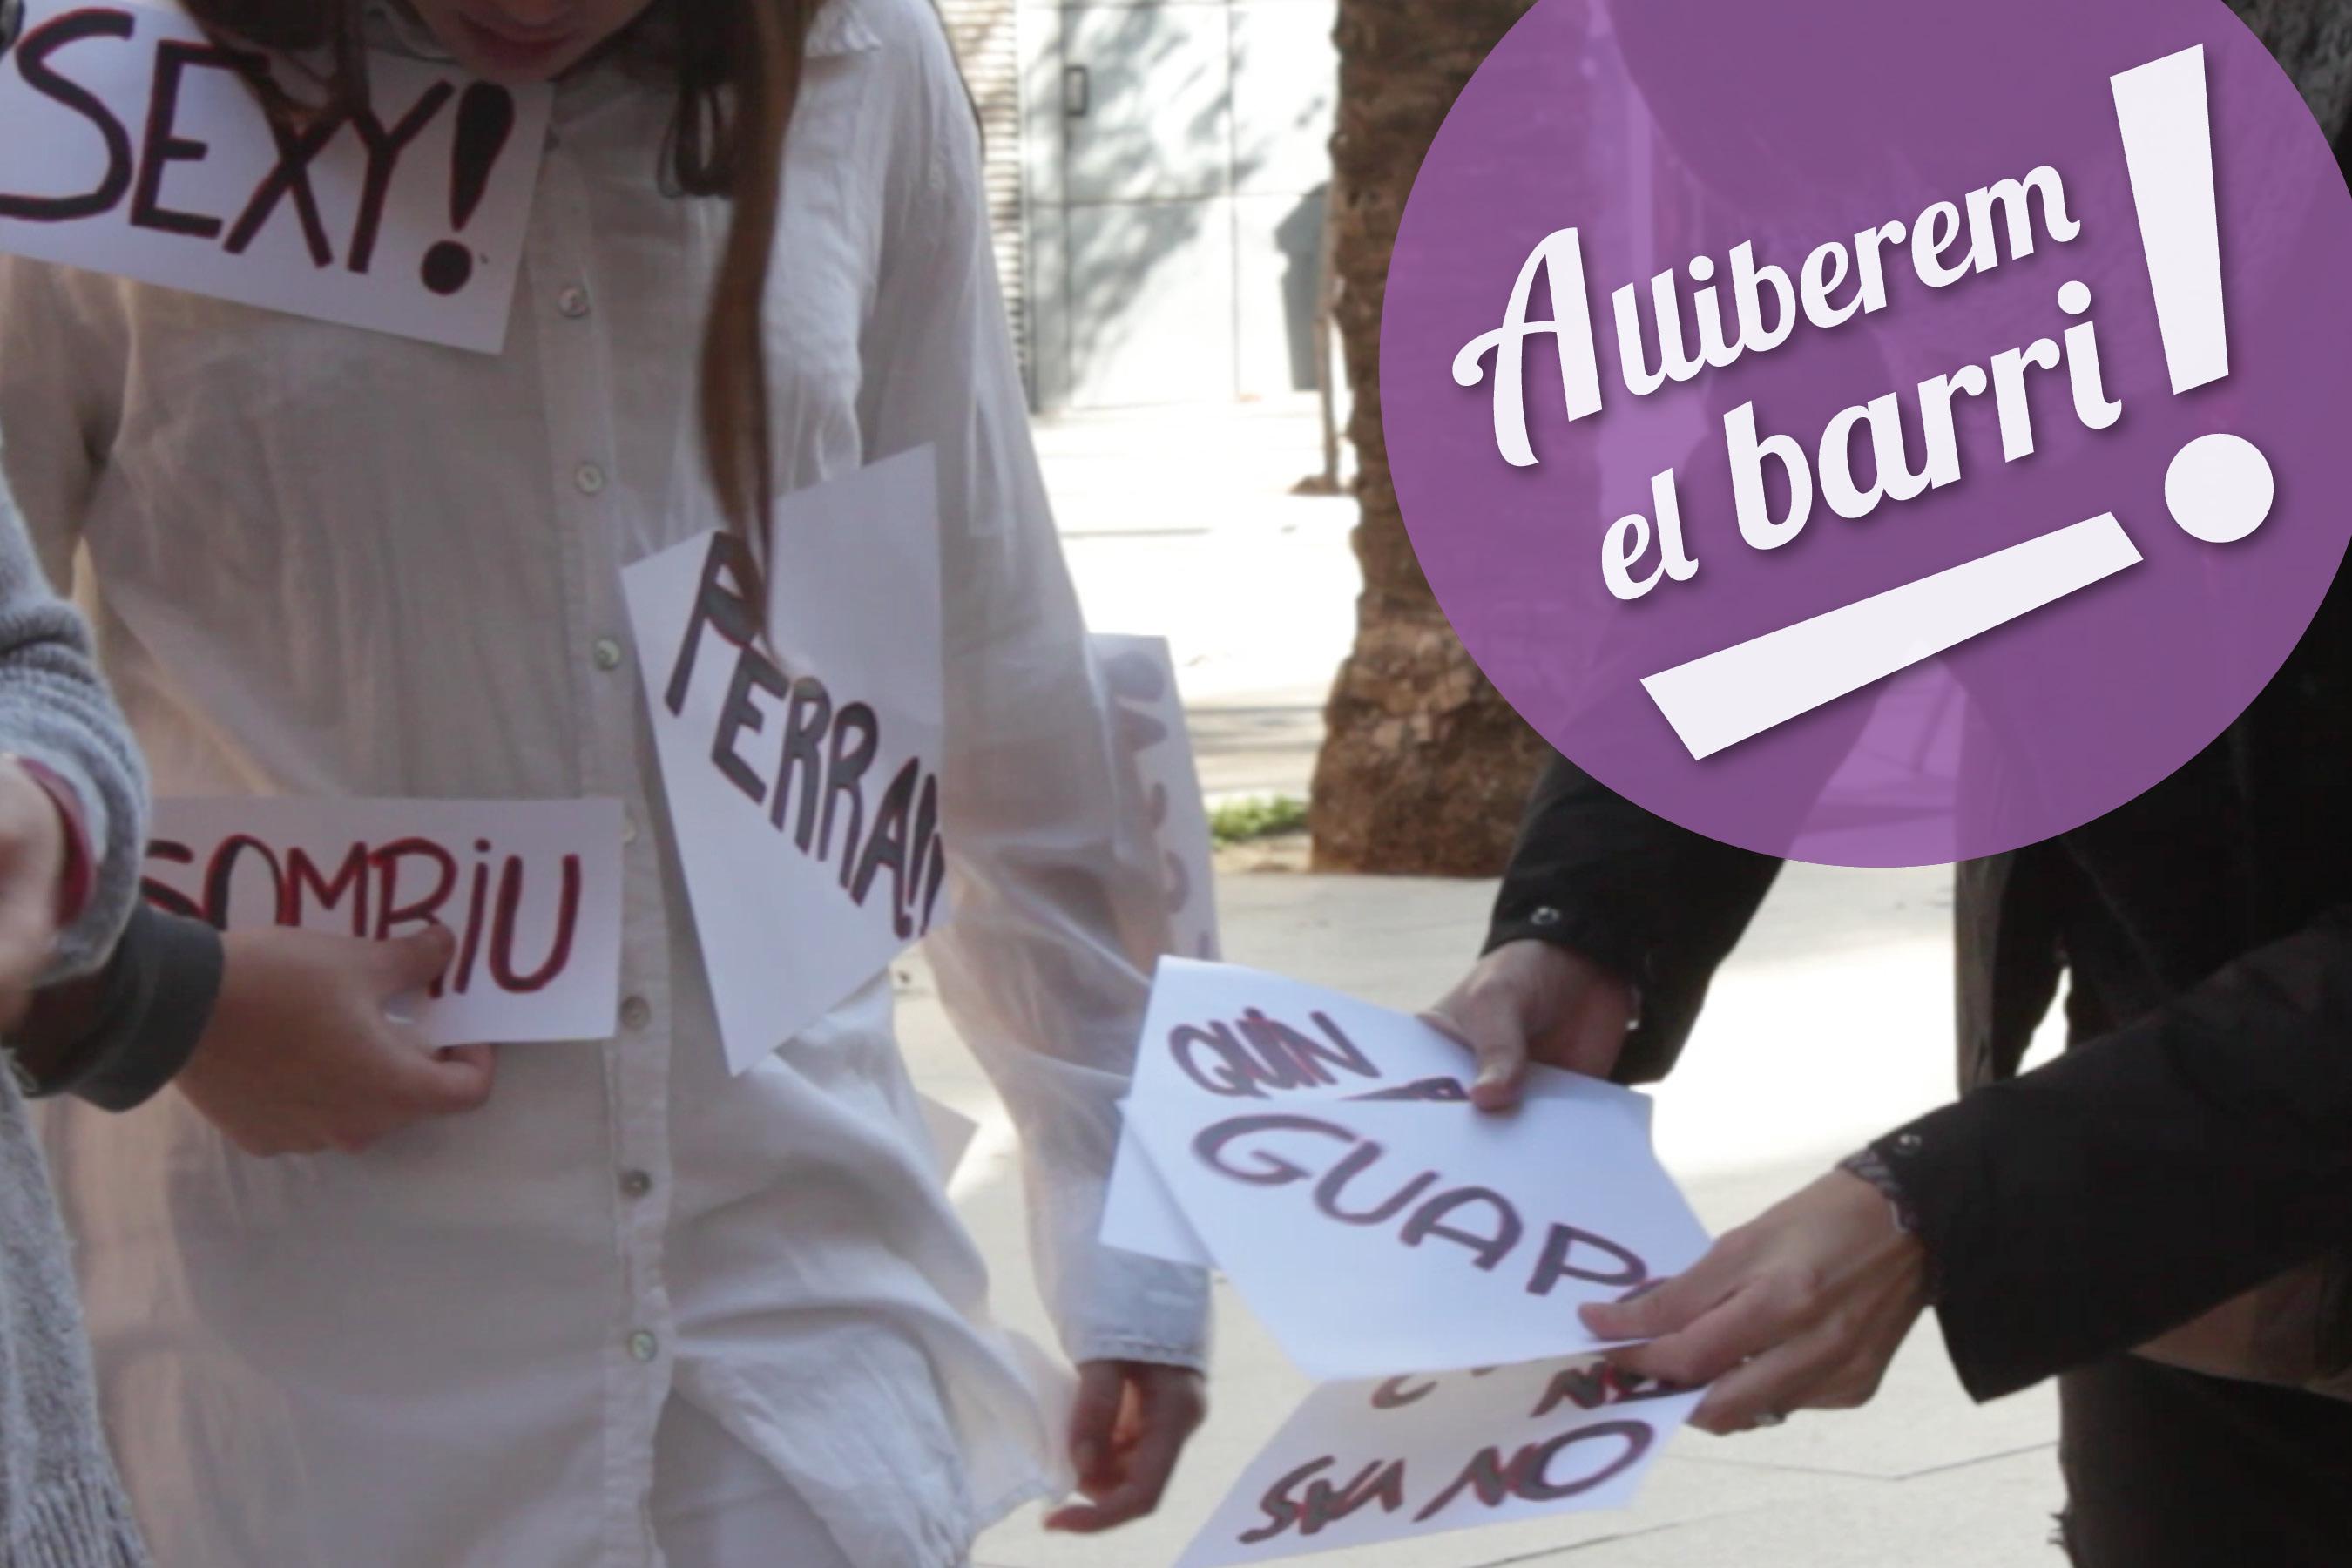 Alliberem el barri Les dones som subjecte